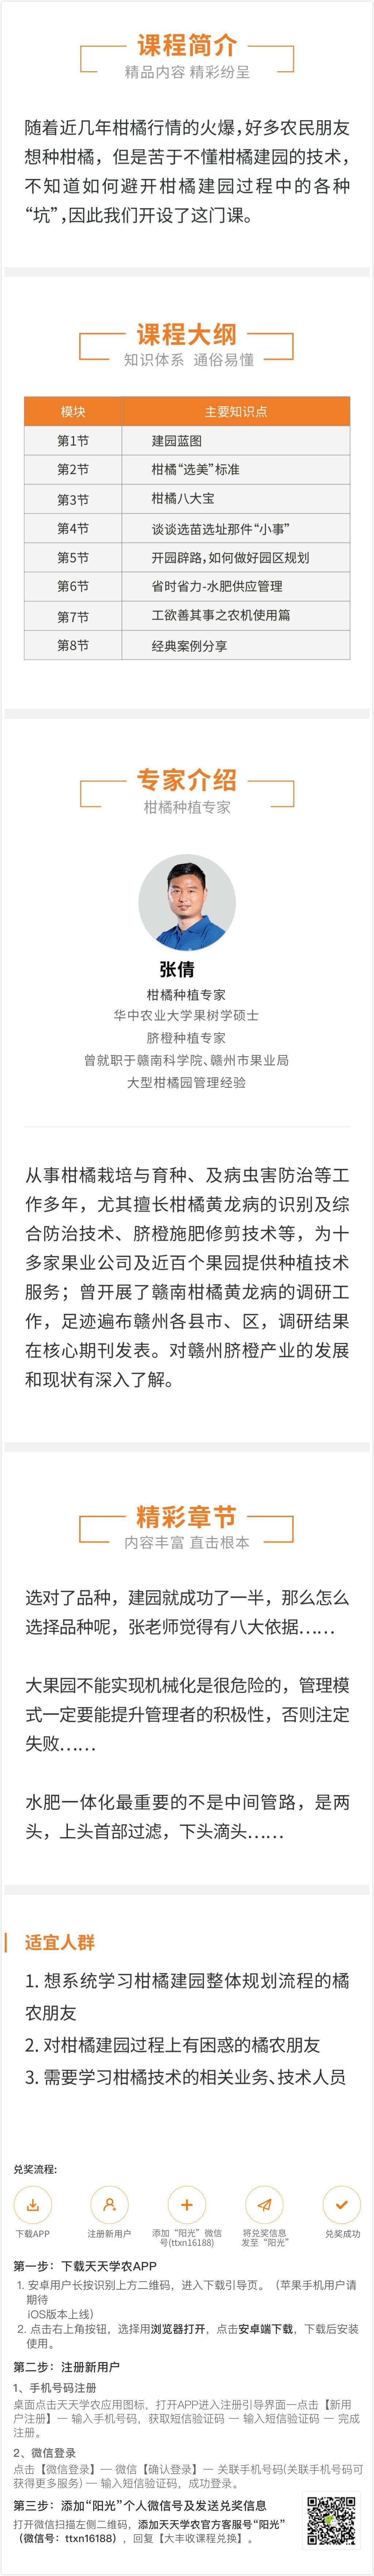 柑橘建园技术课程_看图王.jpg